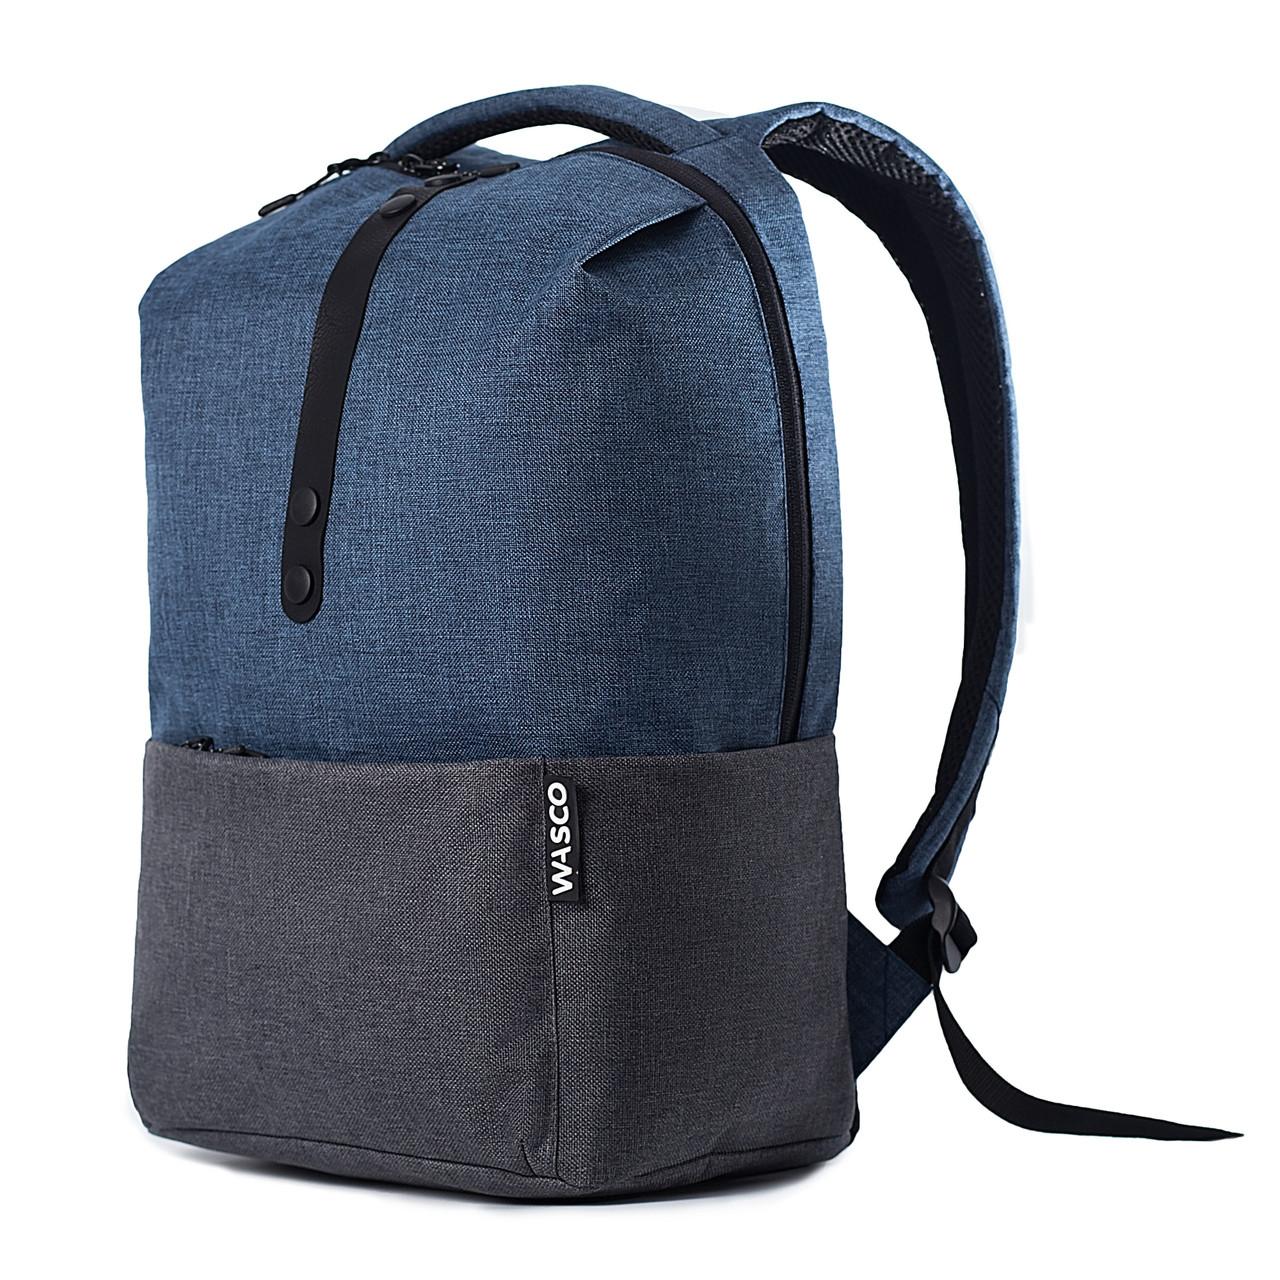 Городской рюкзак для ноутбука Wasco OM1 Синий-Графит